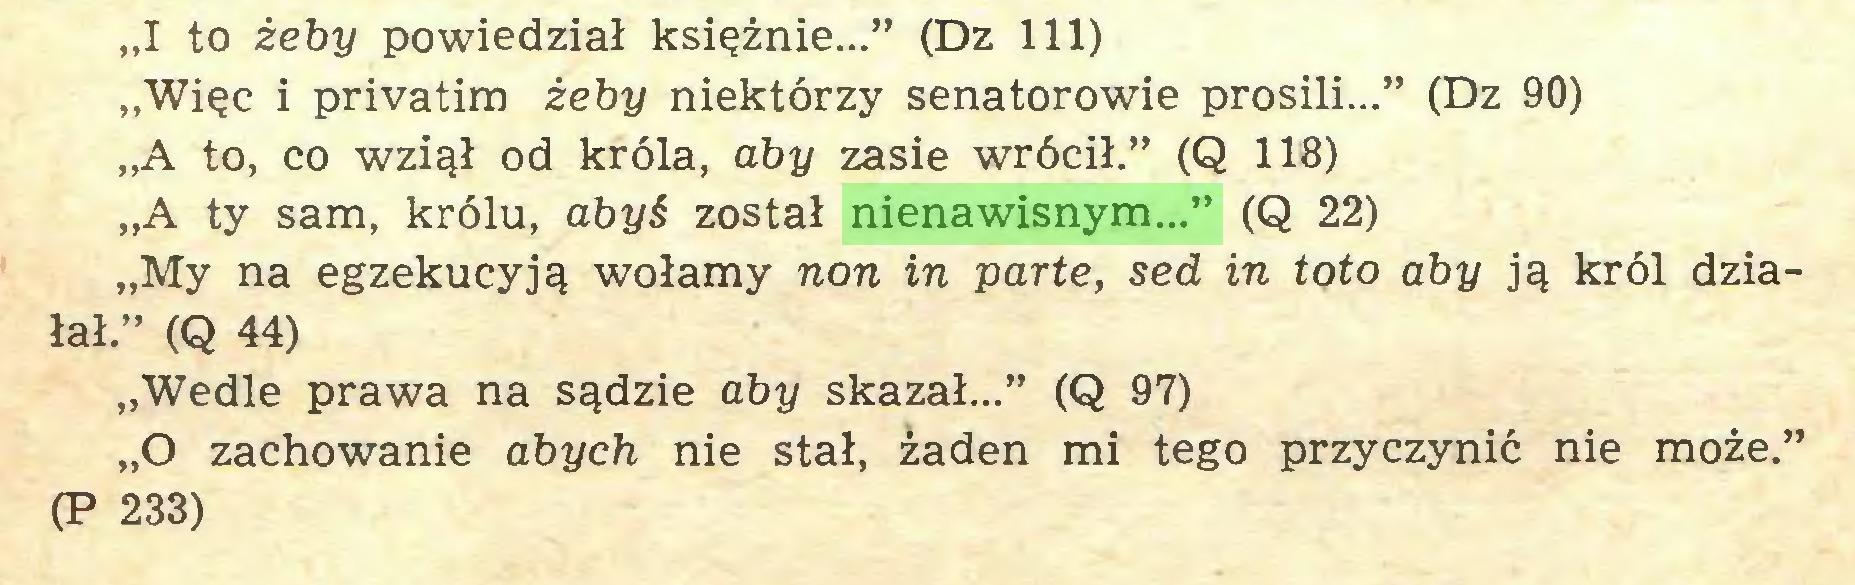 """(...) """"I to żeby powiedział księżnie..."""" (Dz 111) """"Więc i privatim żeby niektórzy senatorowie prosili..."""" (Dz 90) """"A to, co wziął od króla, aby zasie wrócił."""" (Q 118) """"A ty sam, królu, abyś został nienawisnym..."""" (Q 22) """"My na egzekucyją wołamy non in parte, sed in toto aby ją król działał."""" (Q 44) """"Wedle prawa na sądzie aby skazał..."""" (Q 97) """"O zachowanie abych nie stał, żaden mi tego przyczynić nie może."""" (P 233)..."""